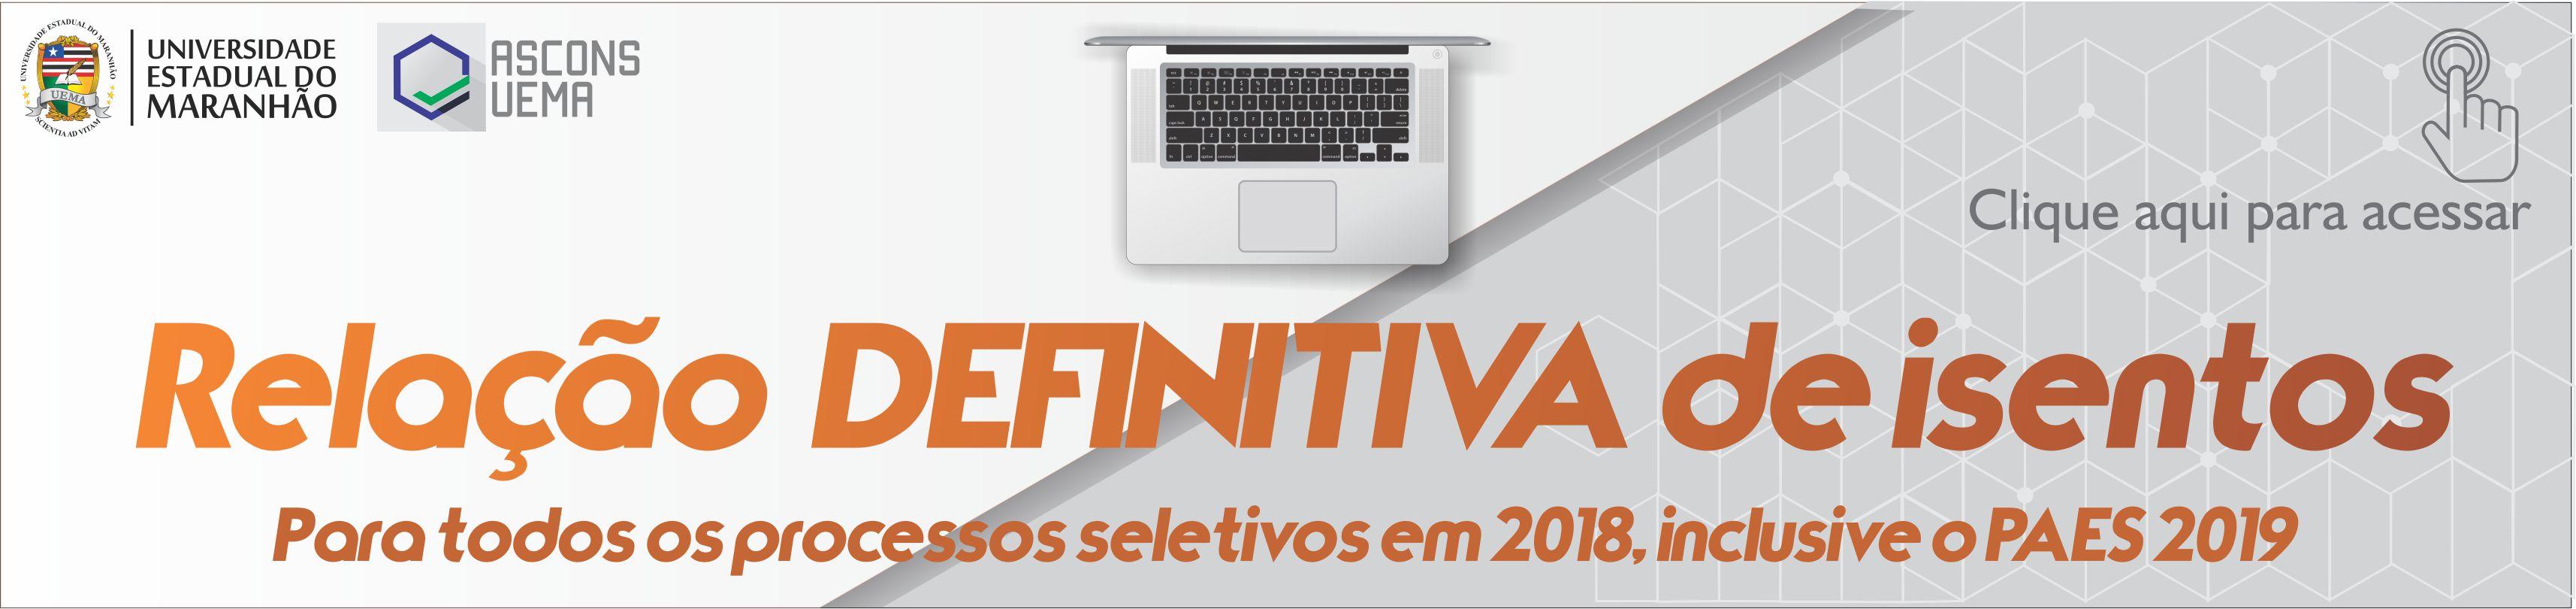 Banner_LISTA-DEFINITIVA_isenção-1